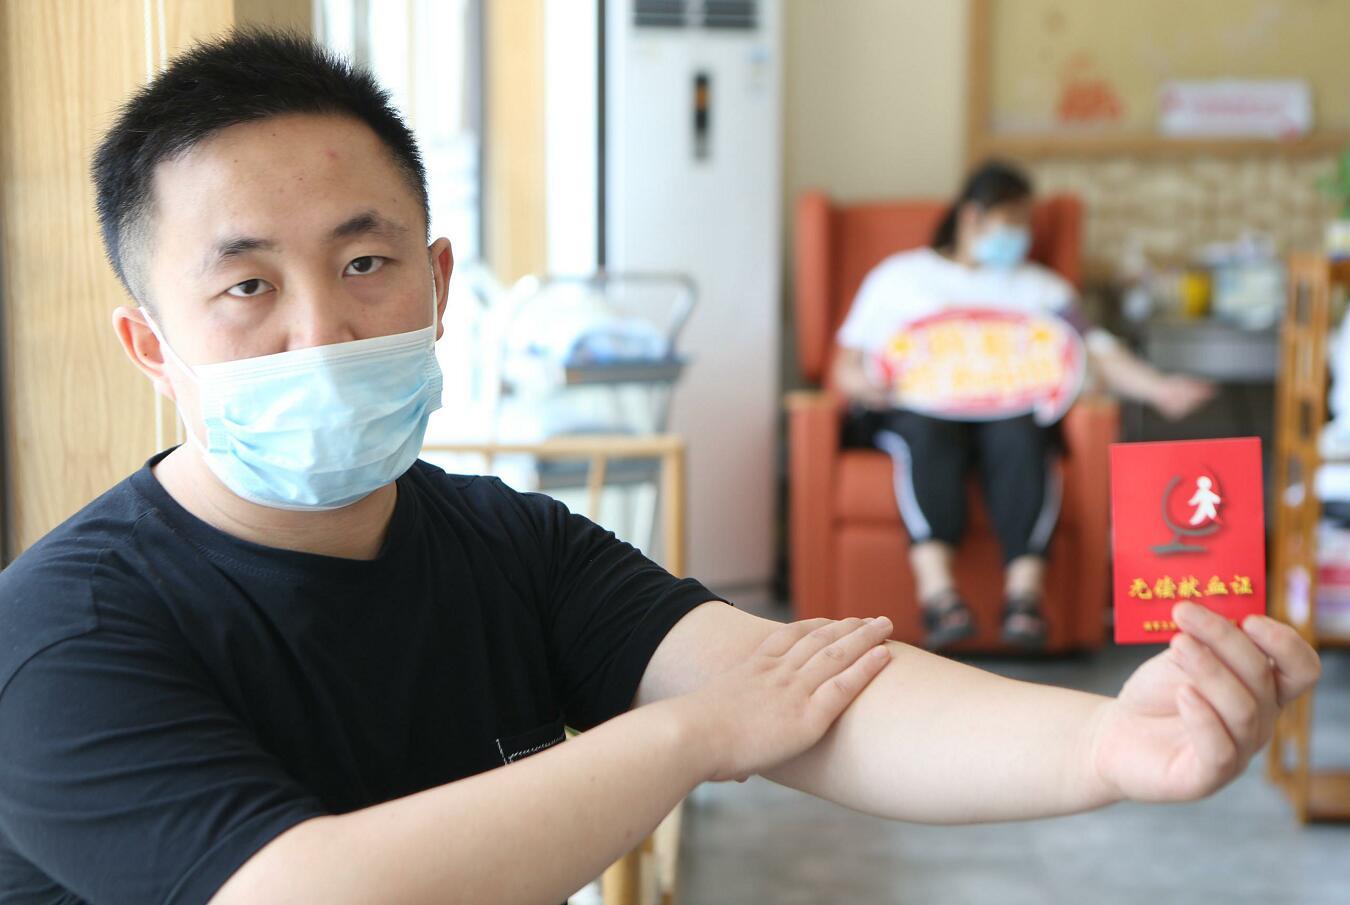 比高温更热的是热血!上海24岁在读研究生顶着烈日完成第54次献血只为感恩